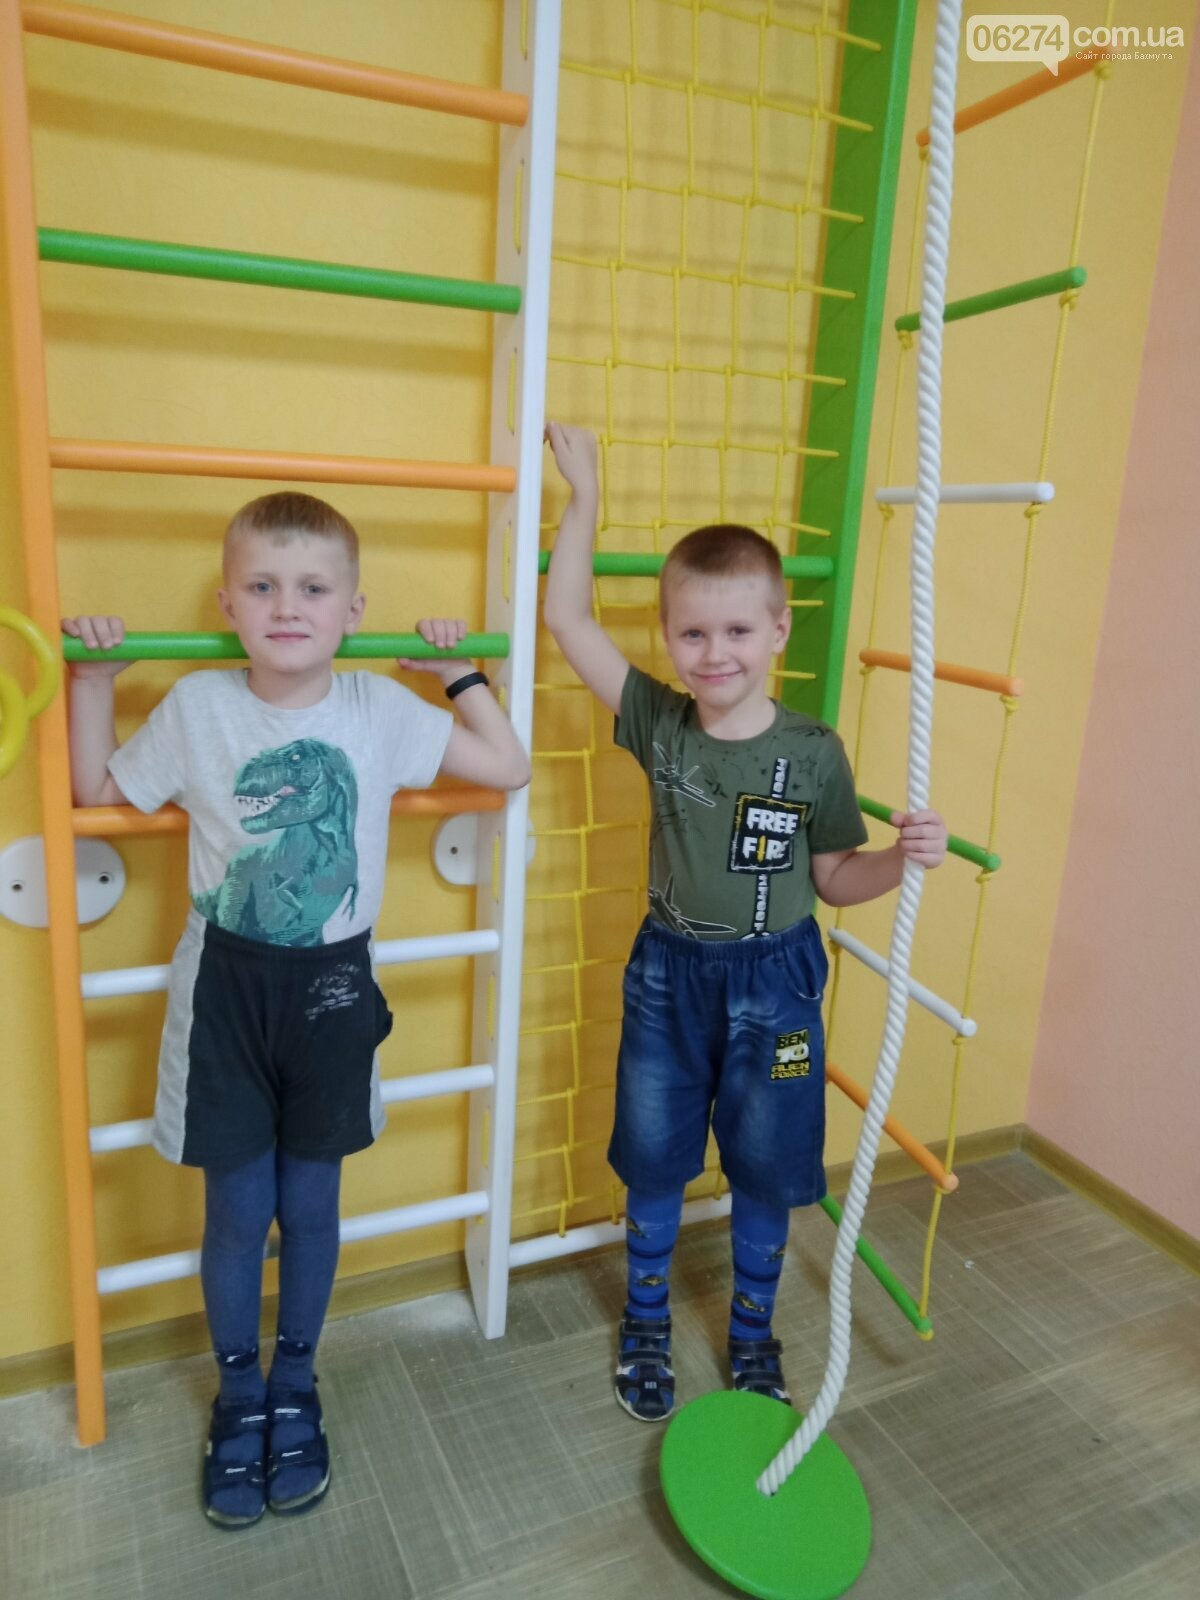 Детские сады Бахмутской ОТГ получили мебель и оборудование от ЮНИСЕФ, фото-5